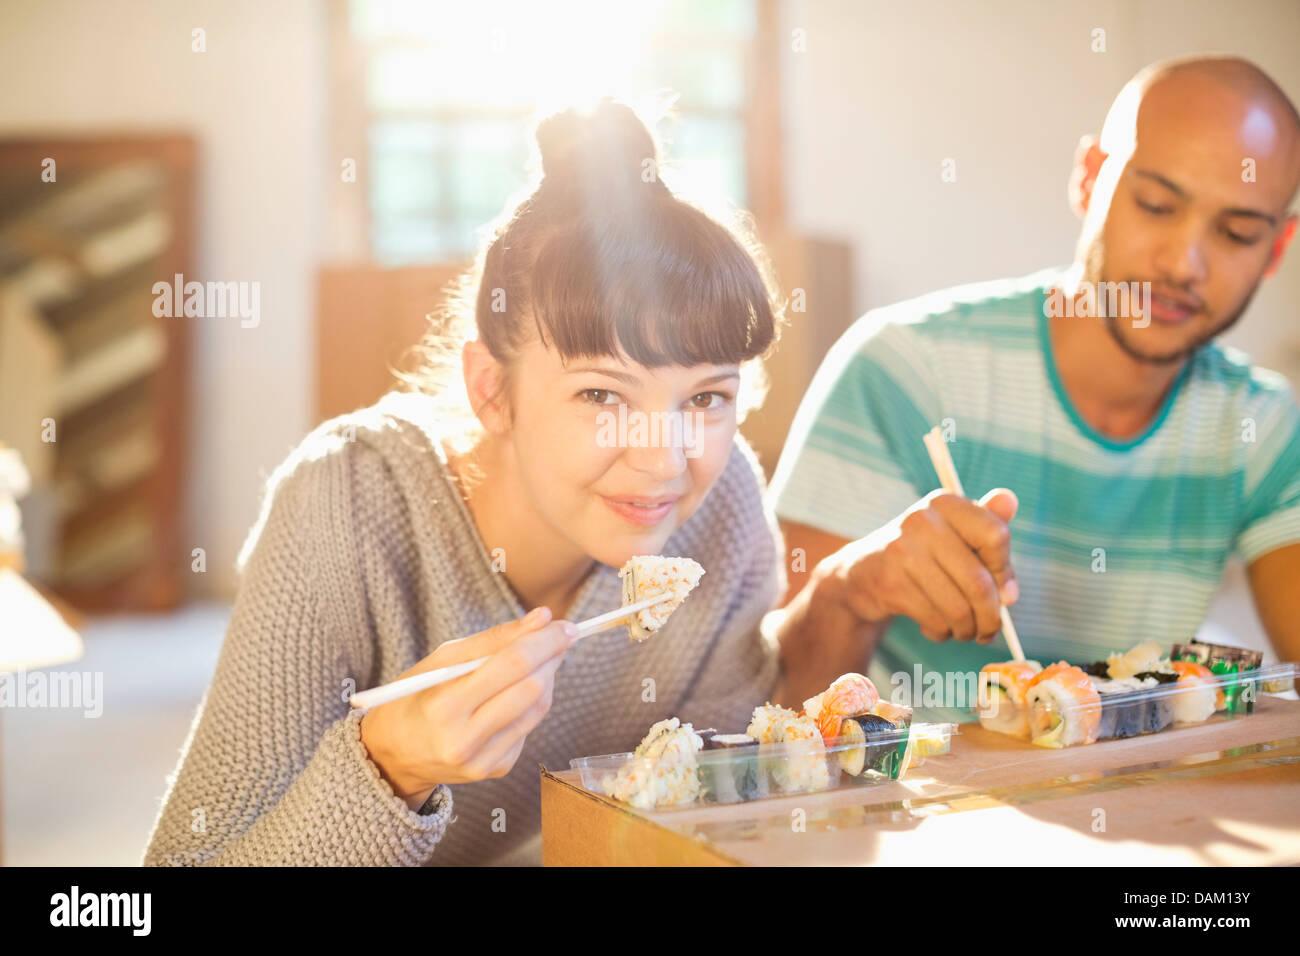 Paio mangiare sushi insieme Immagini Stock